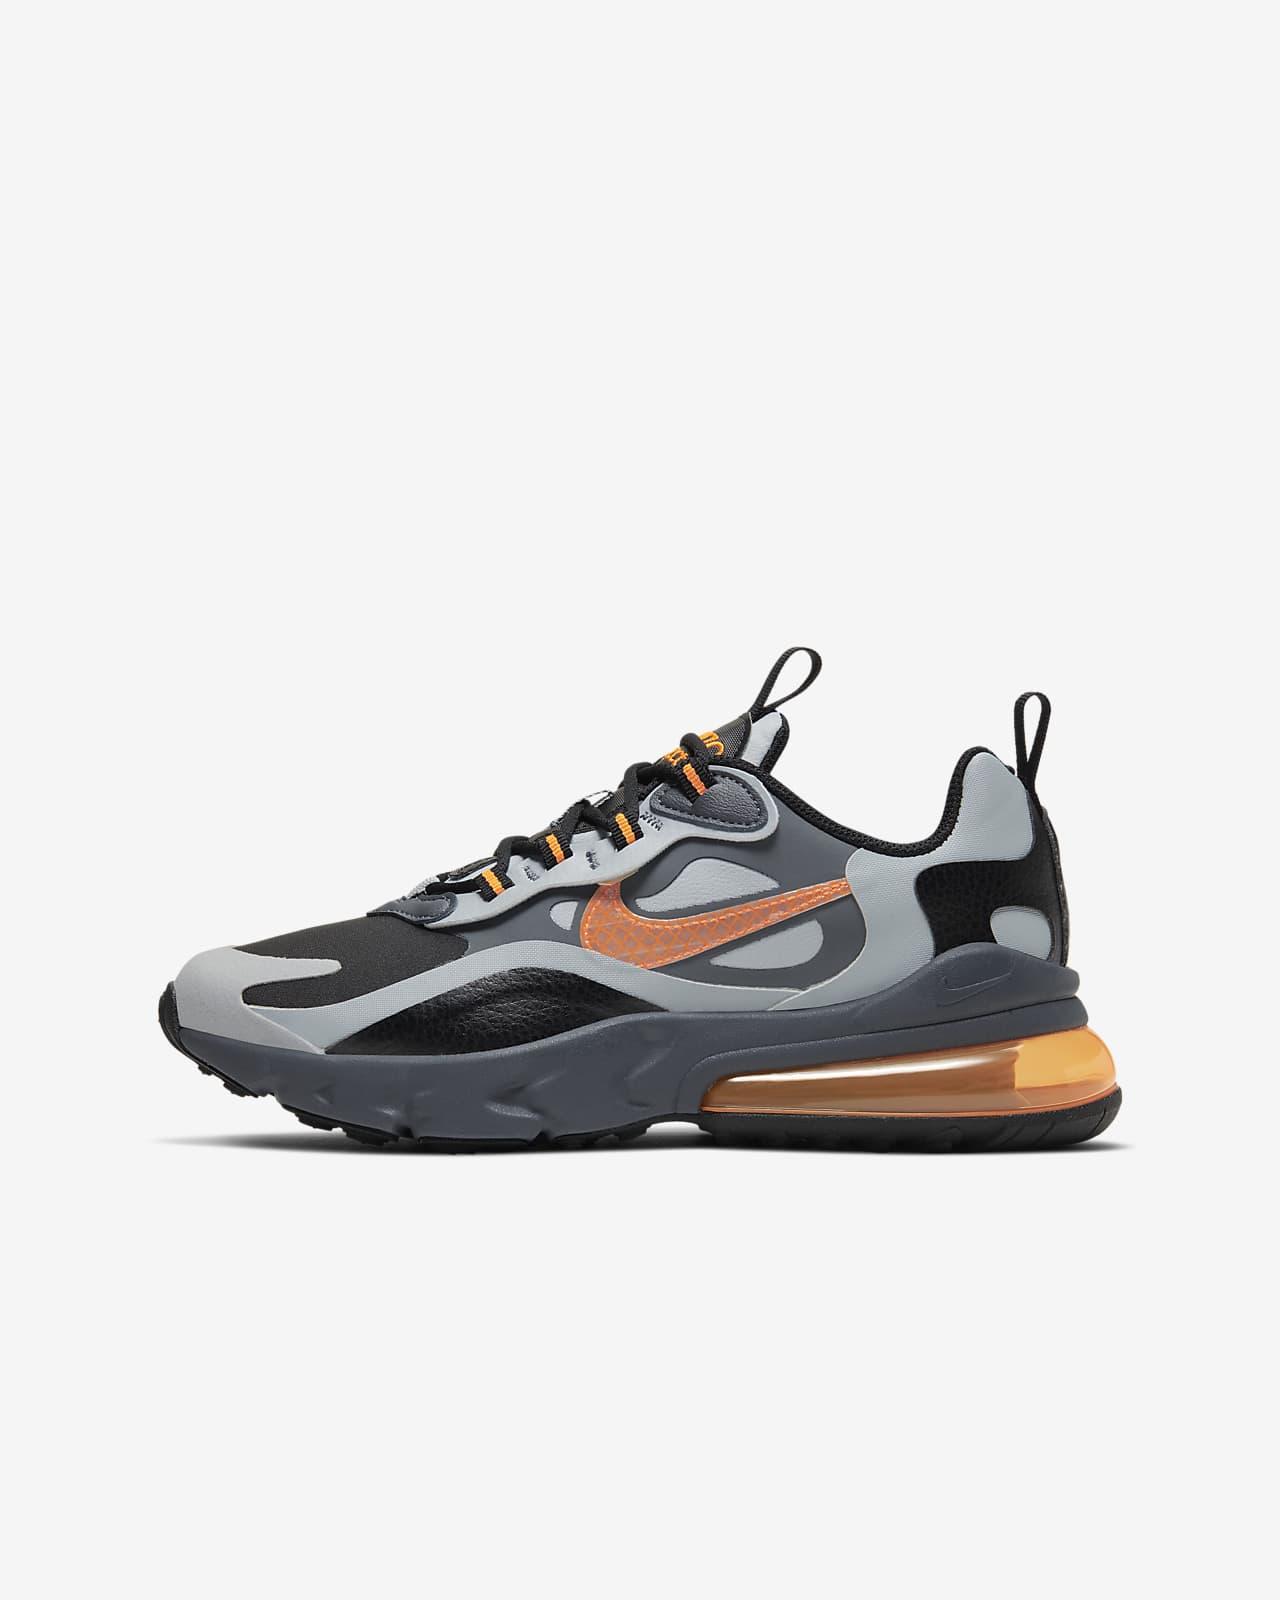 รองเท้าสำหรับเด็กโต Nike Air Max 270 React Winter